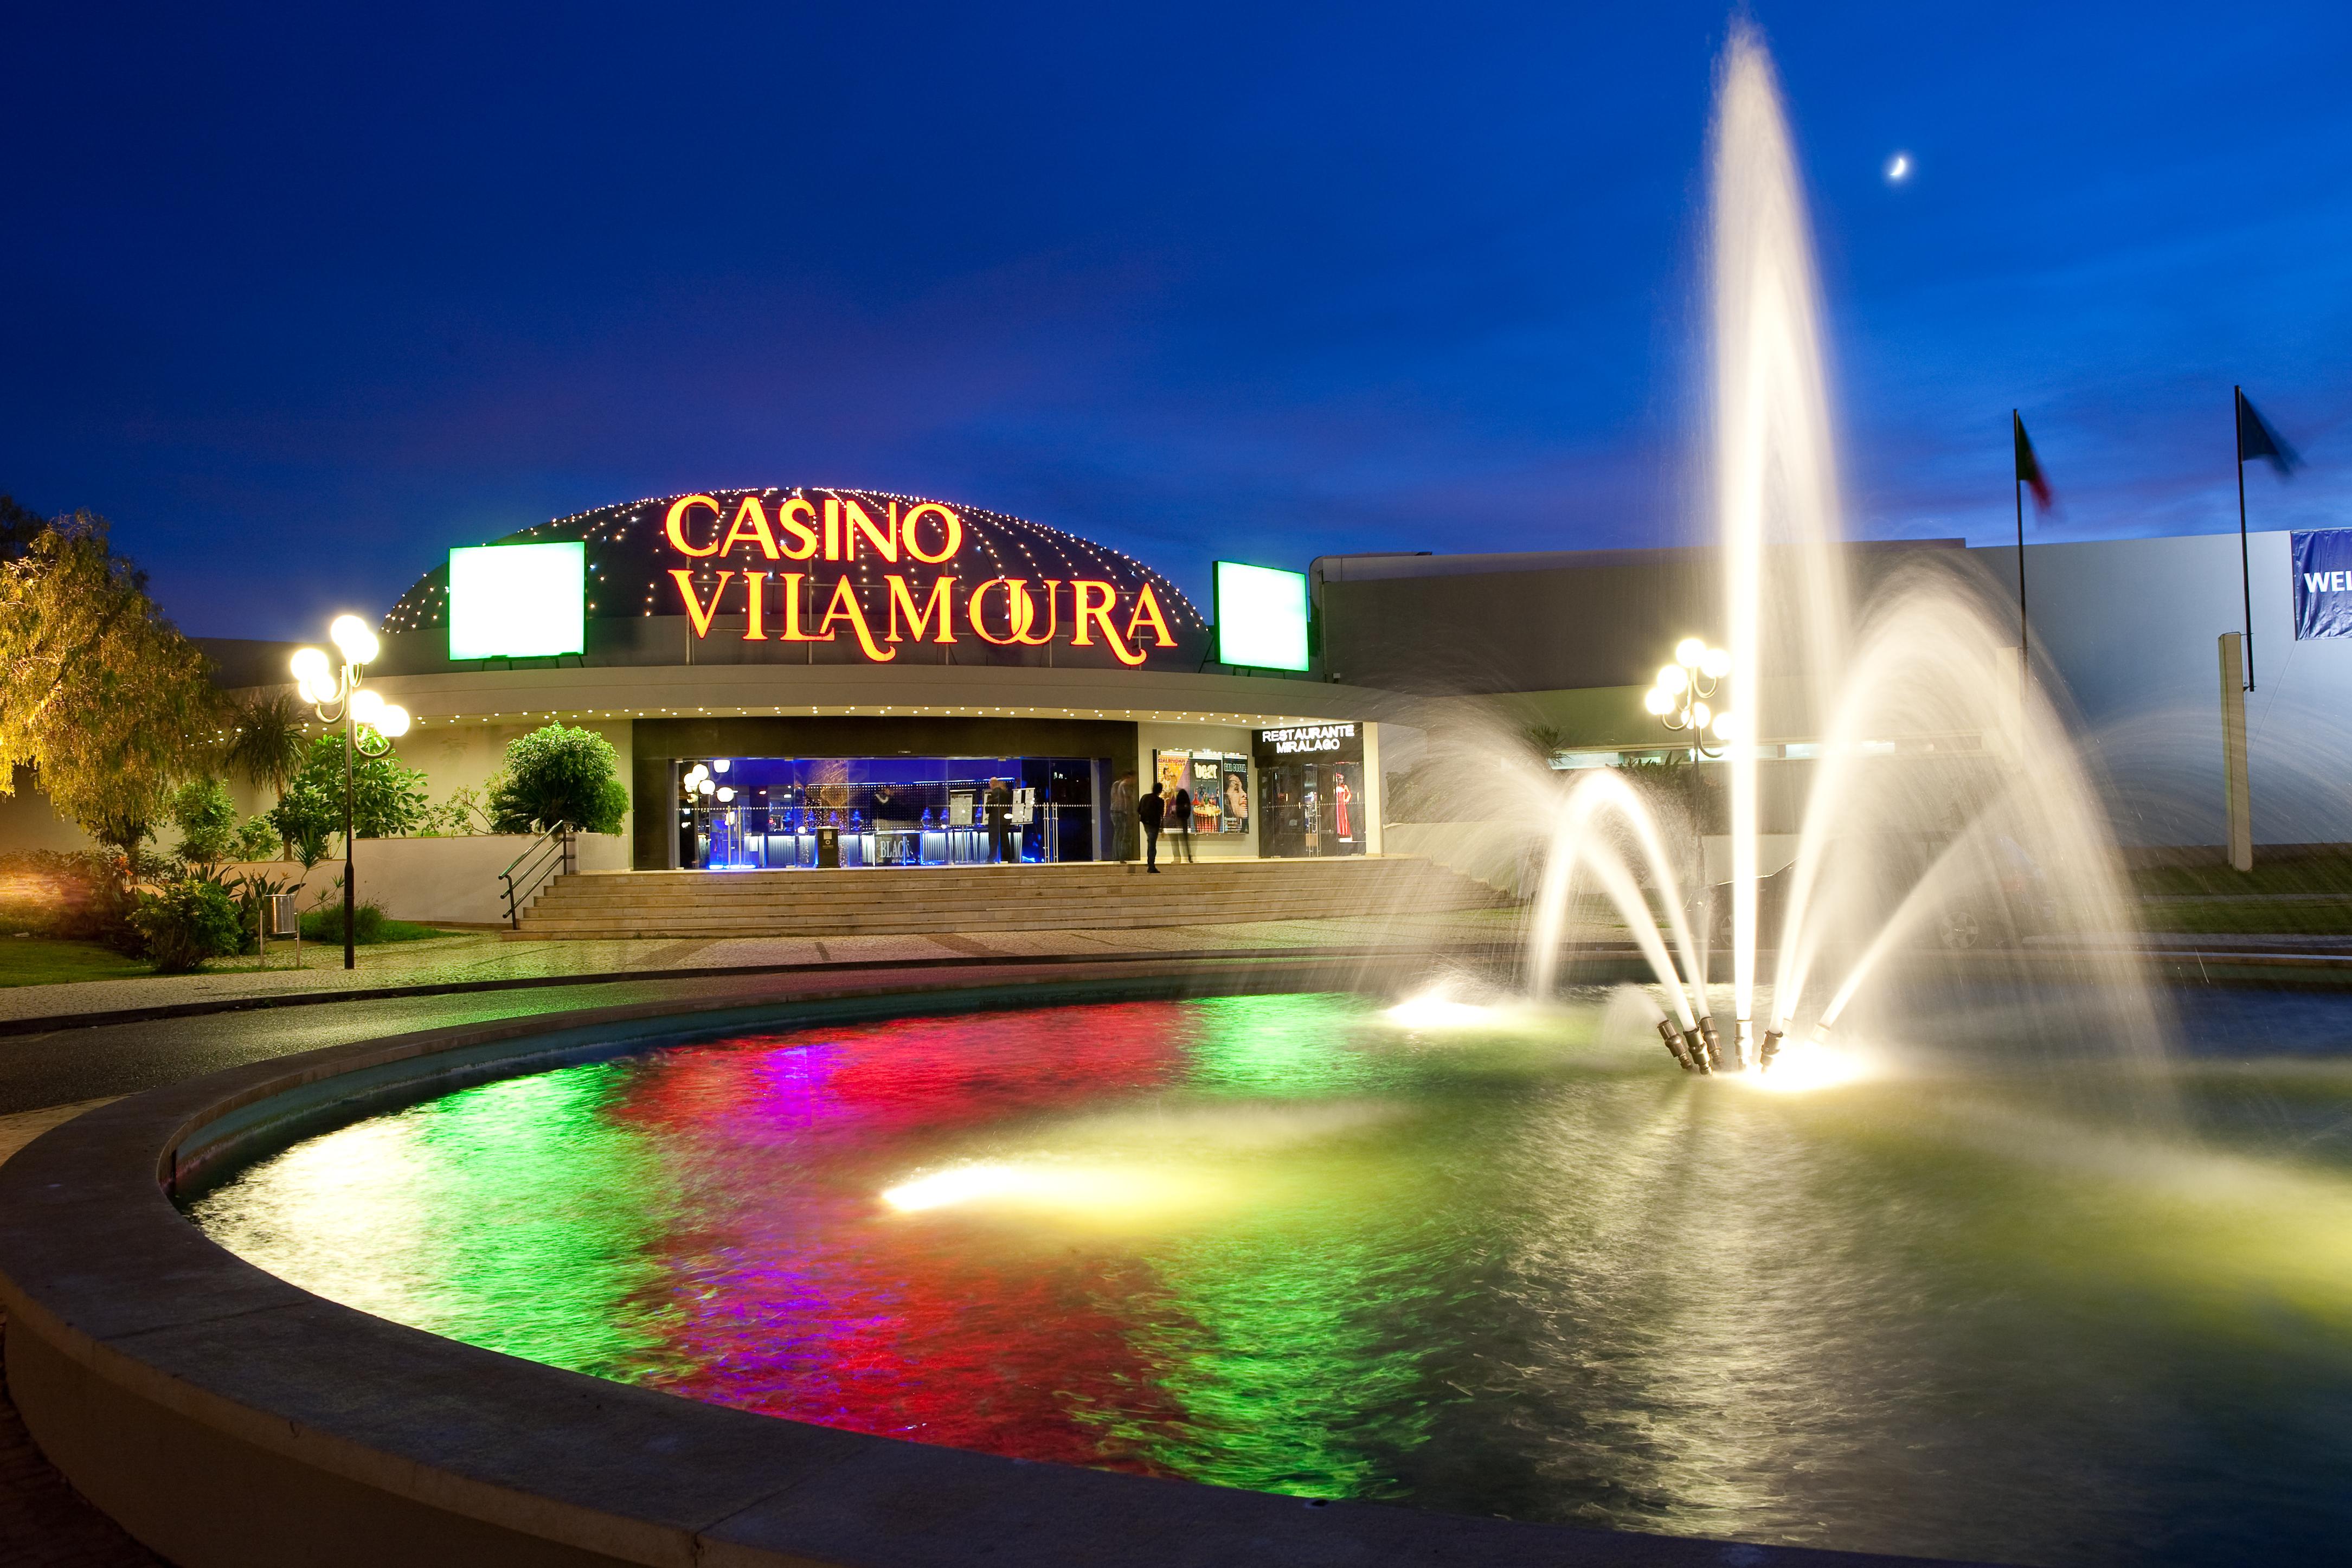 _mg_2865_casino_vilamoura_ept6vil_neil_stoddart